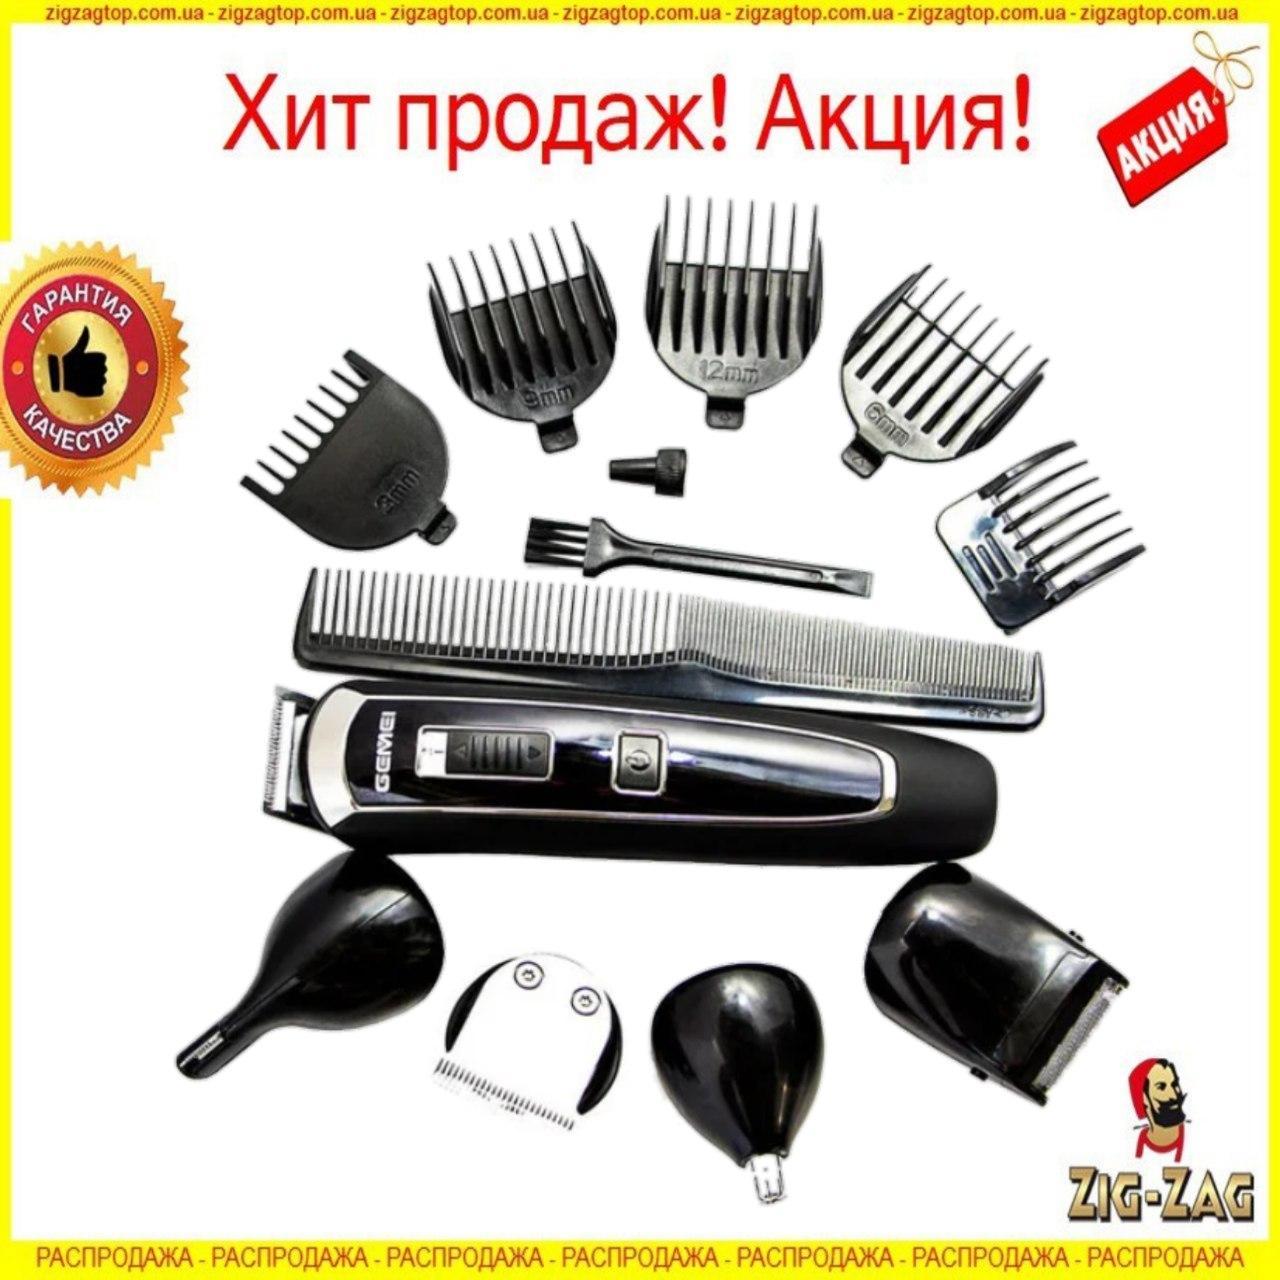 Універсальна чоловіча Машинка для стрижки Gemei GM-801 5в1 триммер для бороди вусів, носа і тіла Мультитриммер